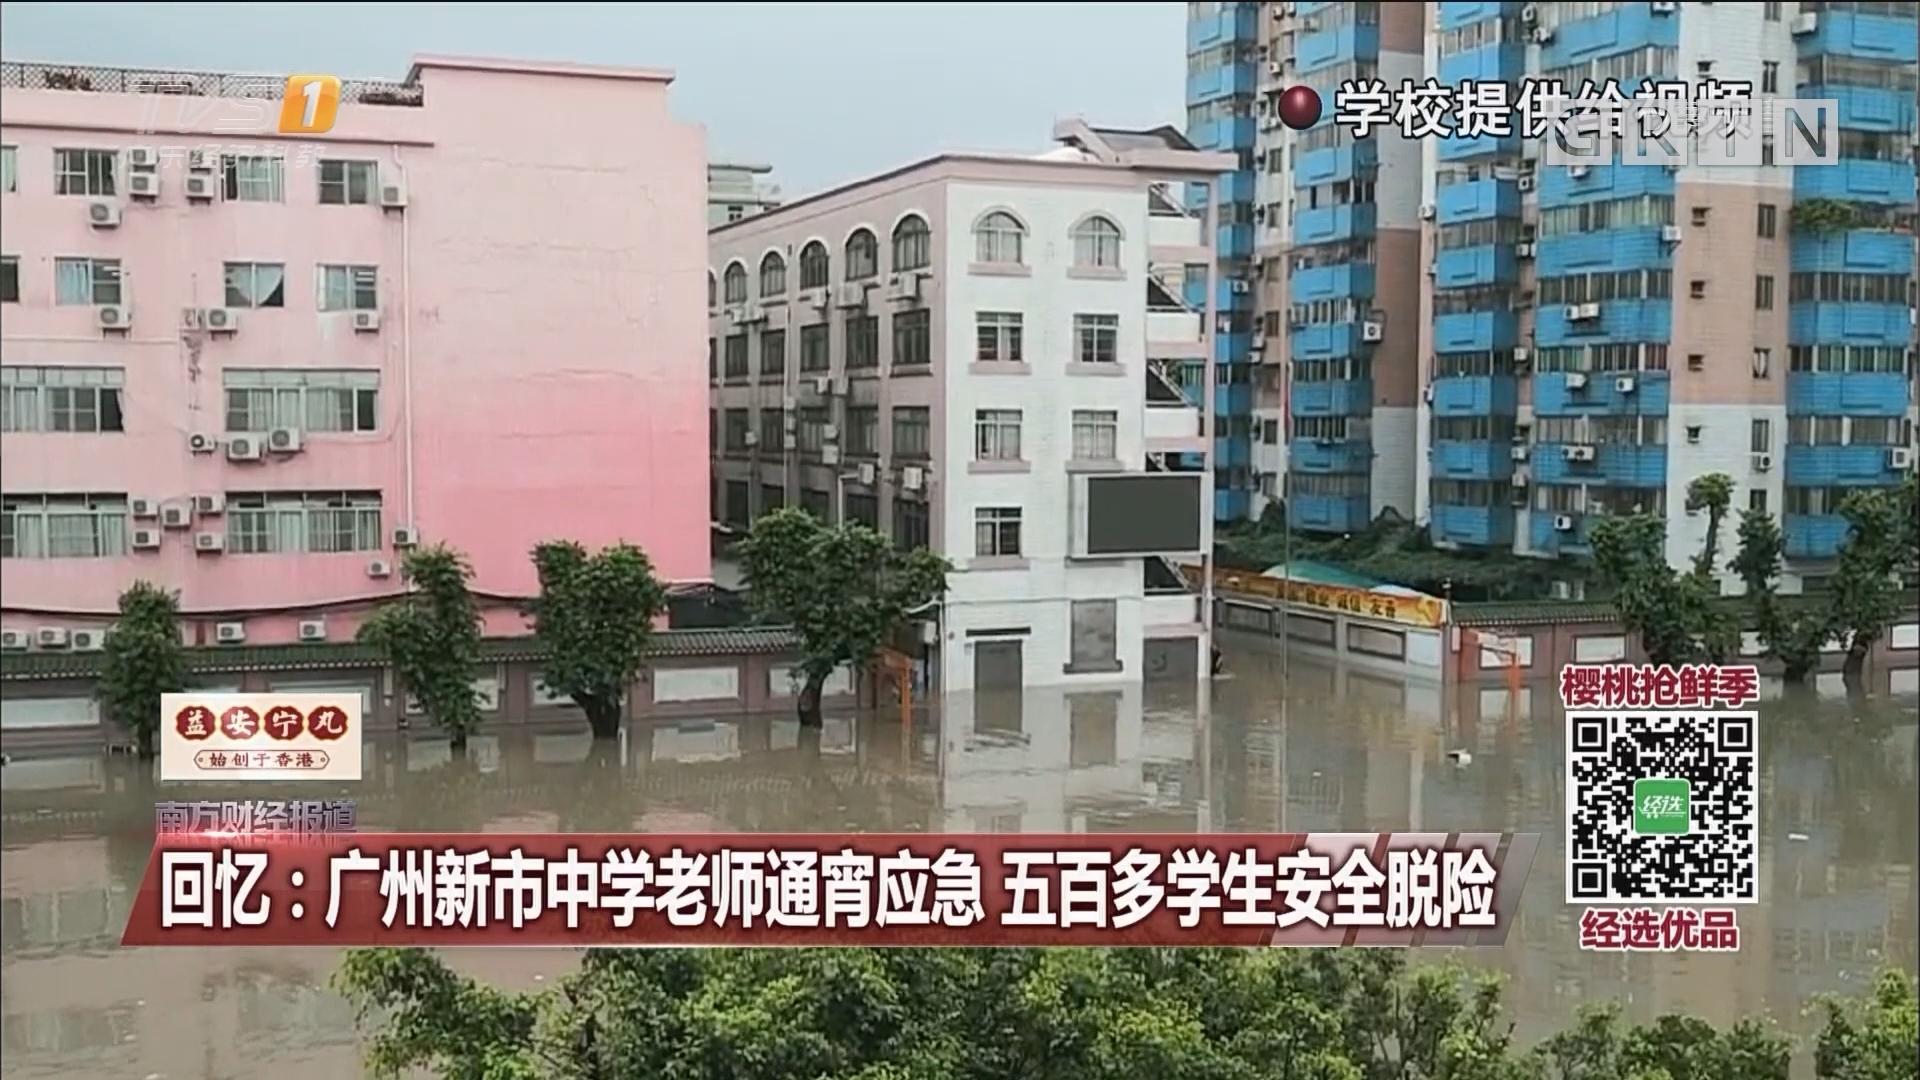 回忆:广州新市中学老师通宵应急 五百多学生安全脱险